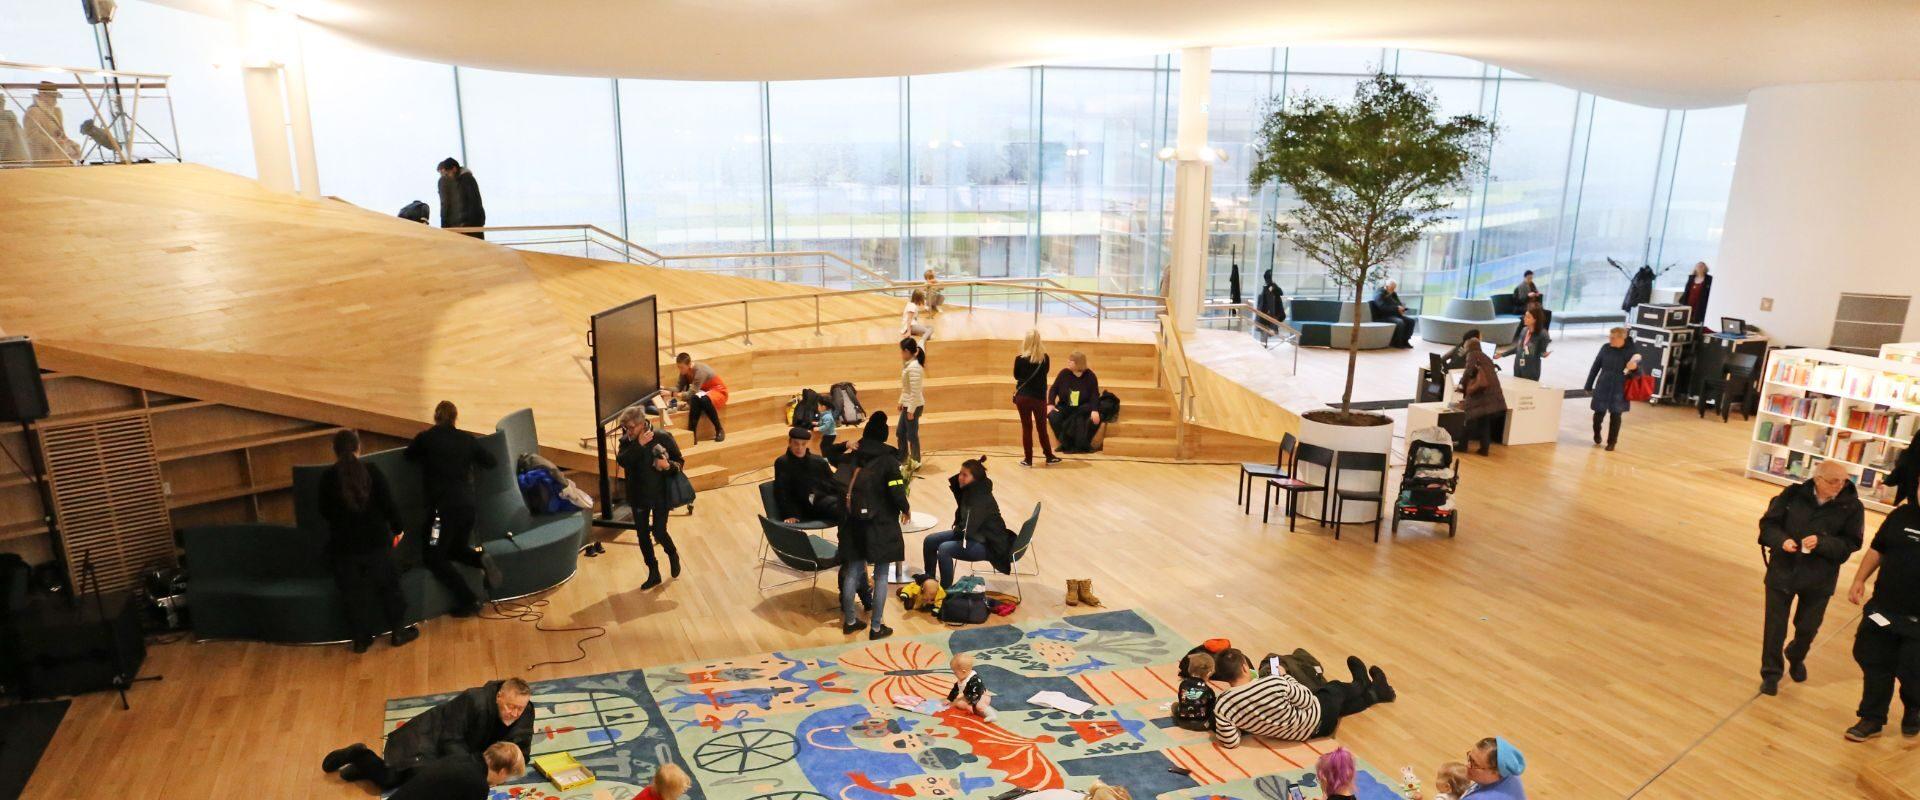 raamatukogu Oodi Helsinki